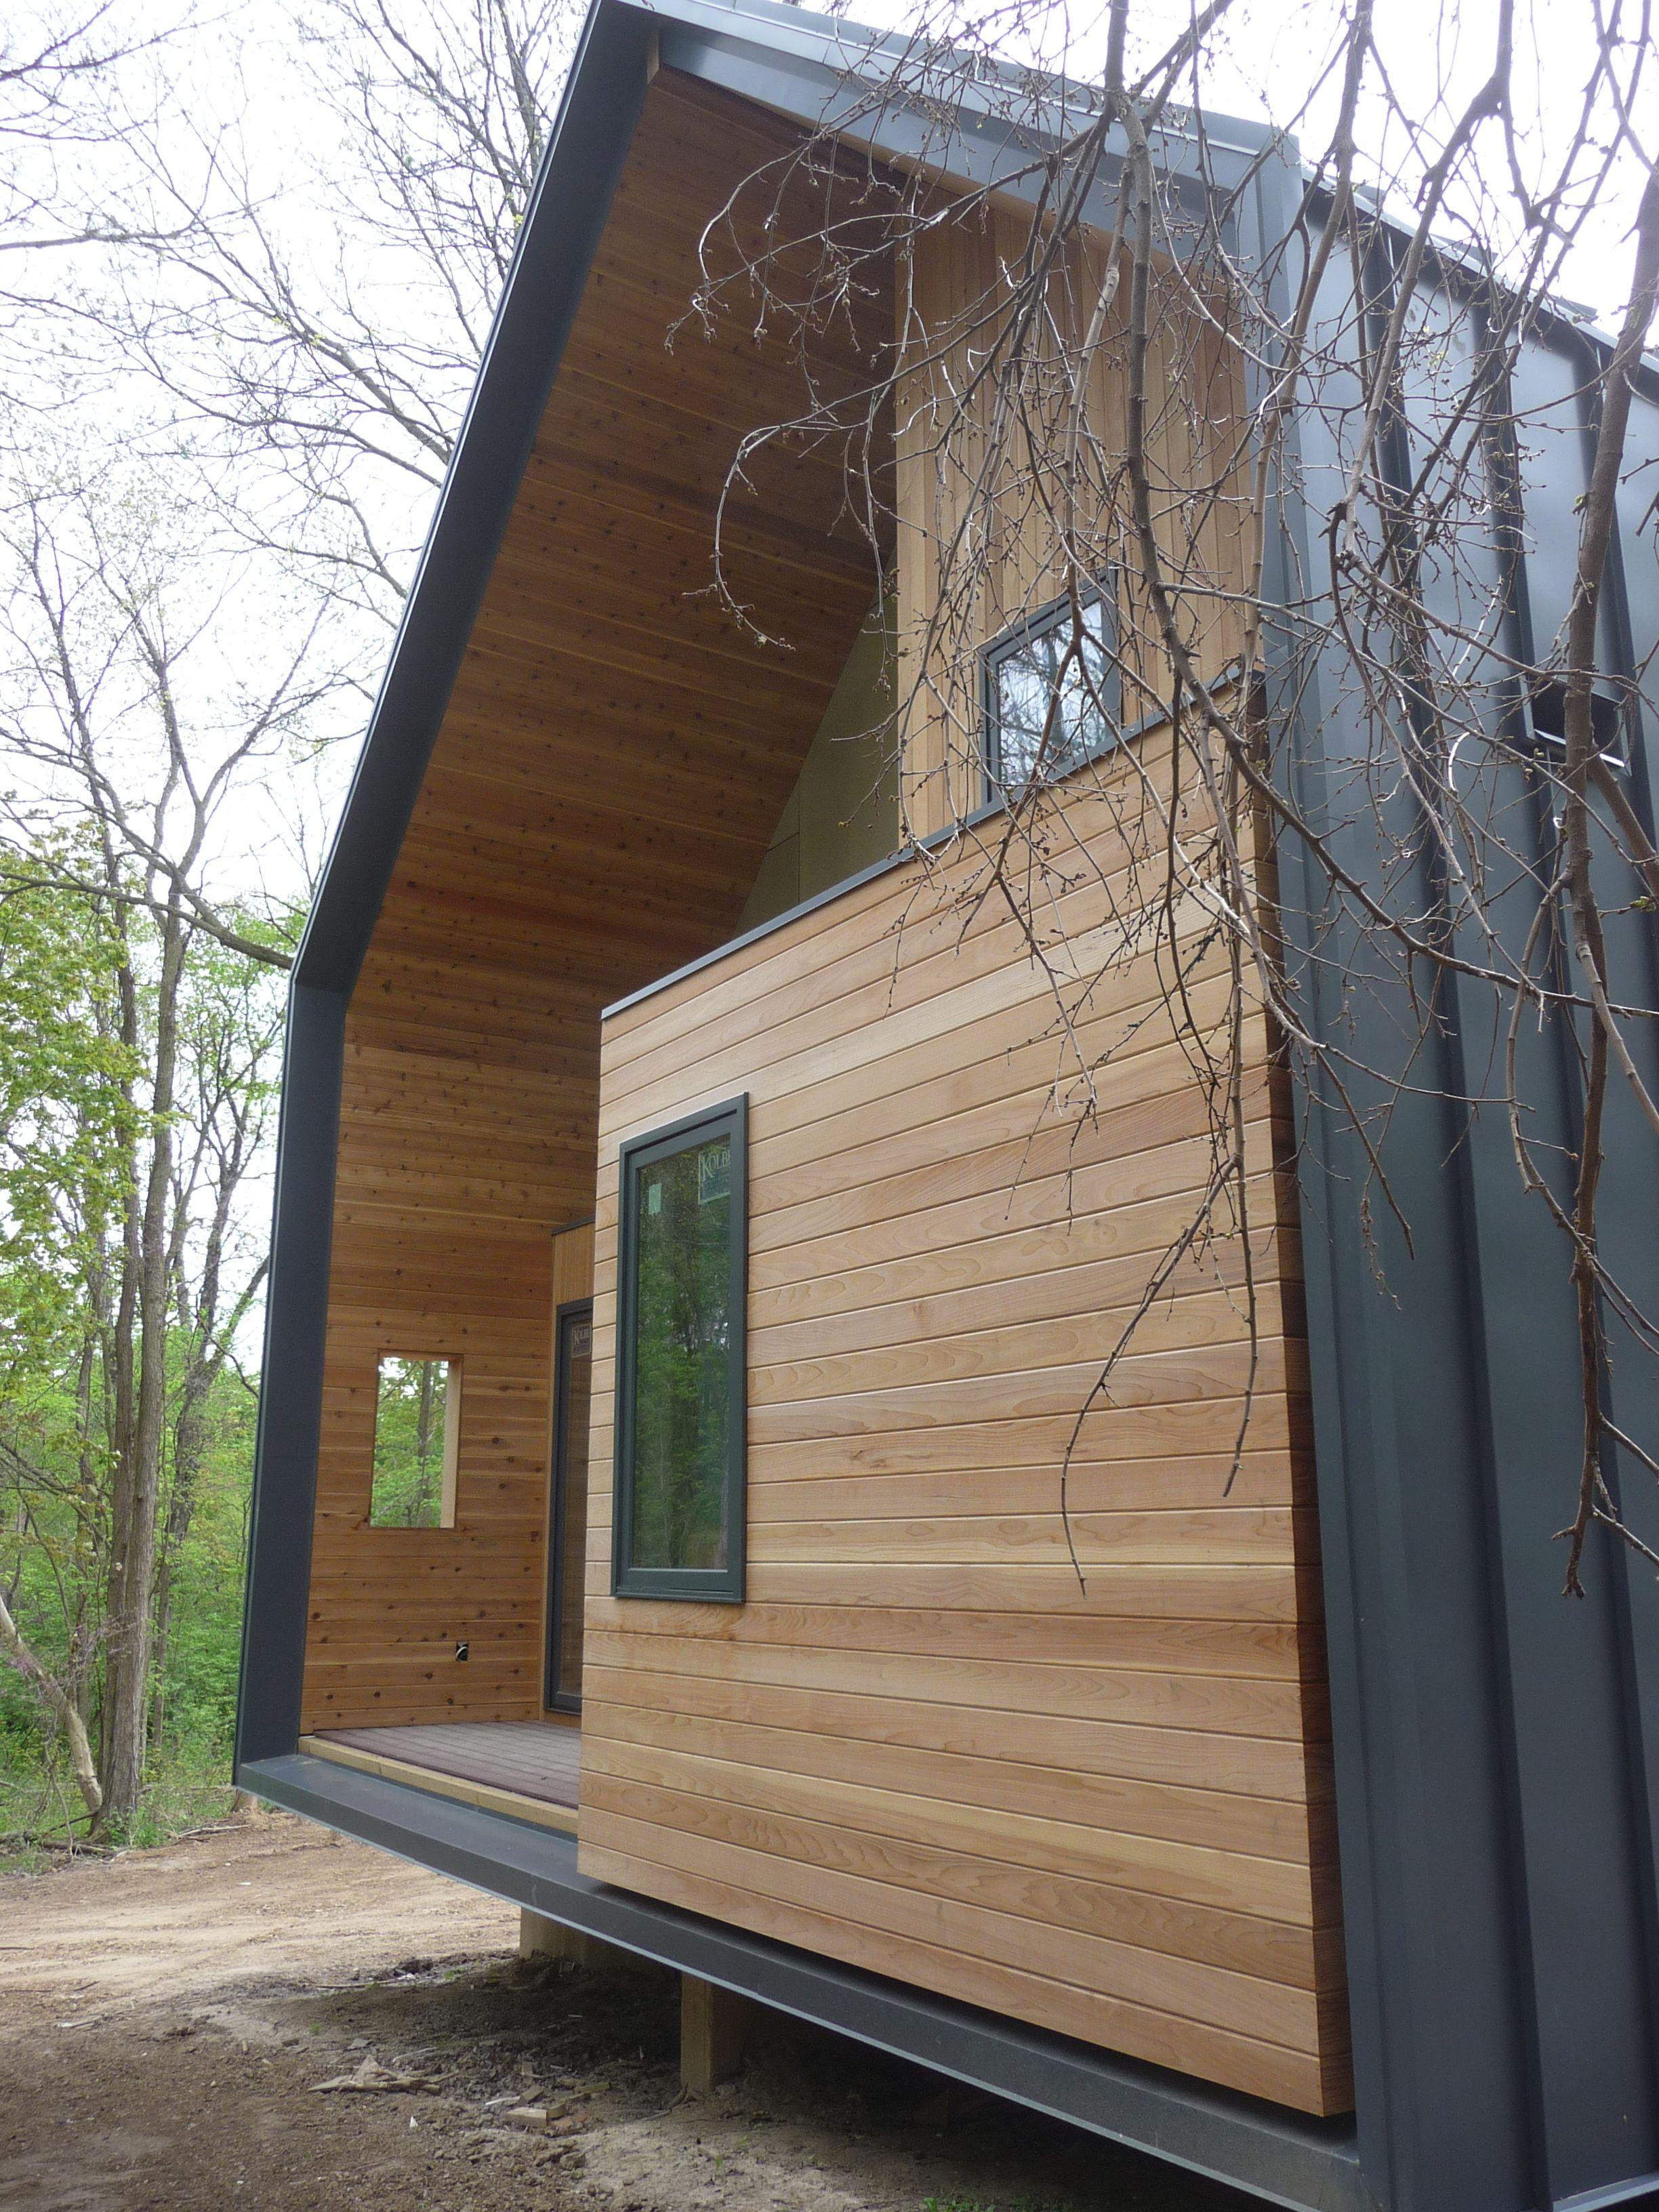 Blechfassade Kombiniert Mit Holz Im Nicht Nass Werdenden Bereich